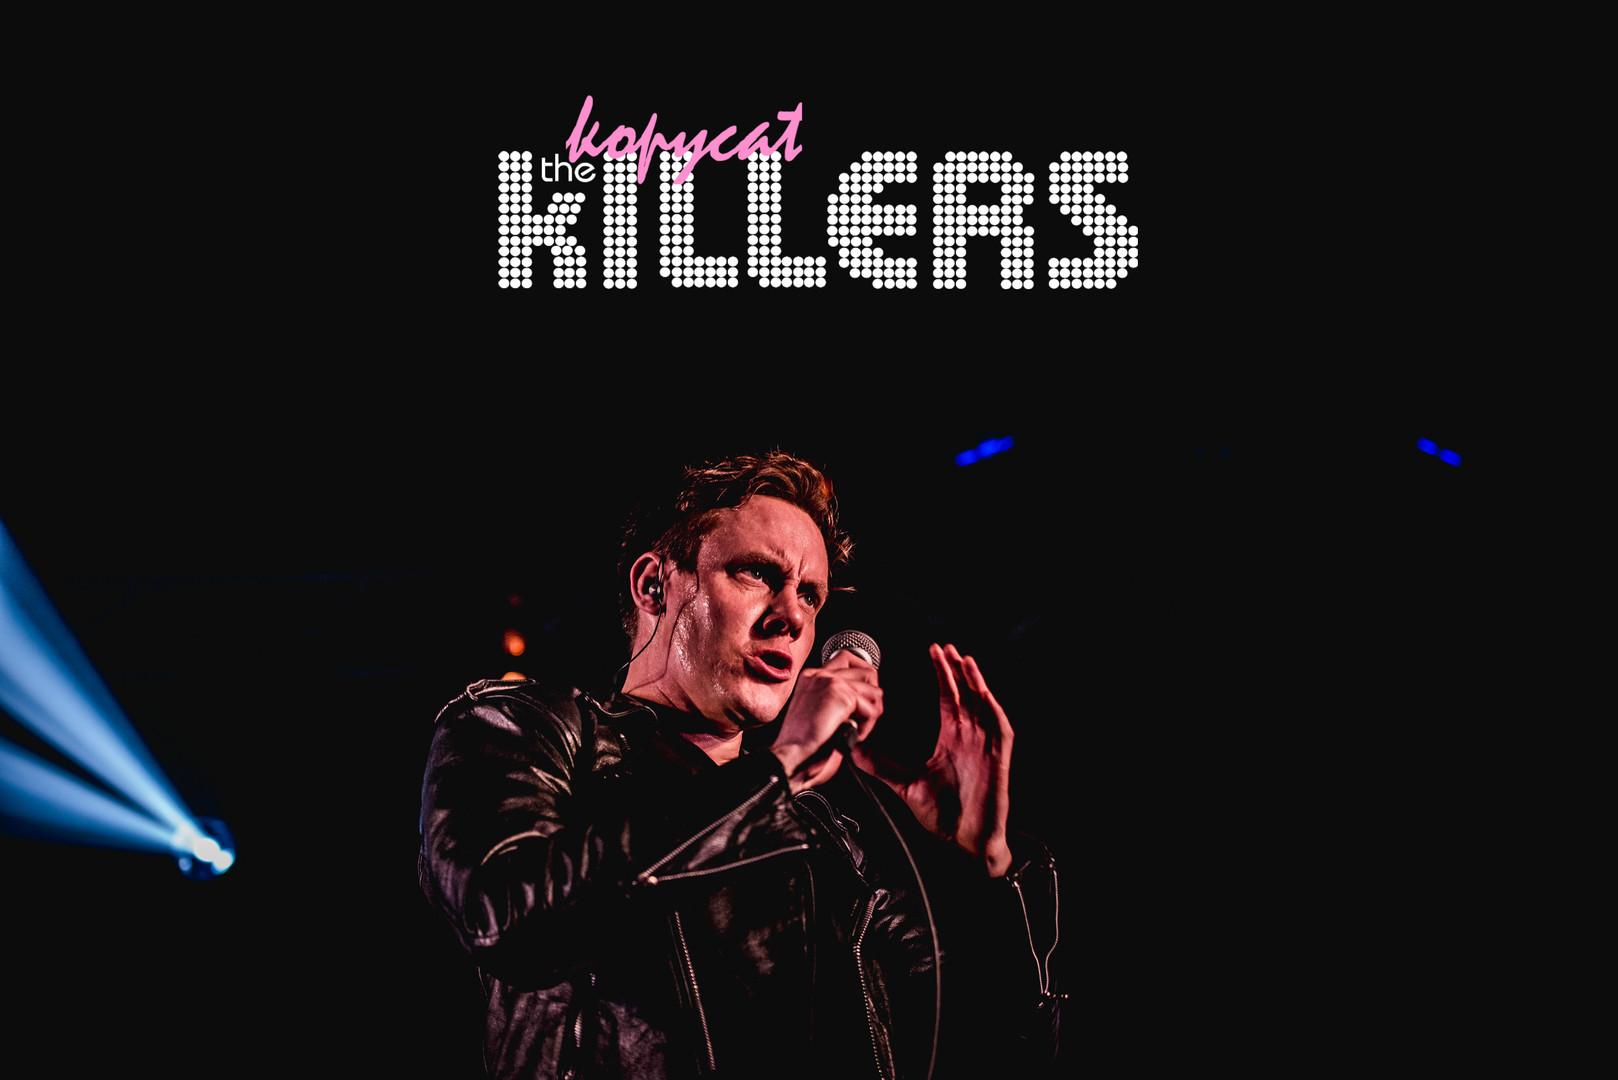 Kopycat Killers Website Photo 3.jpg